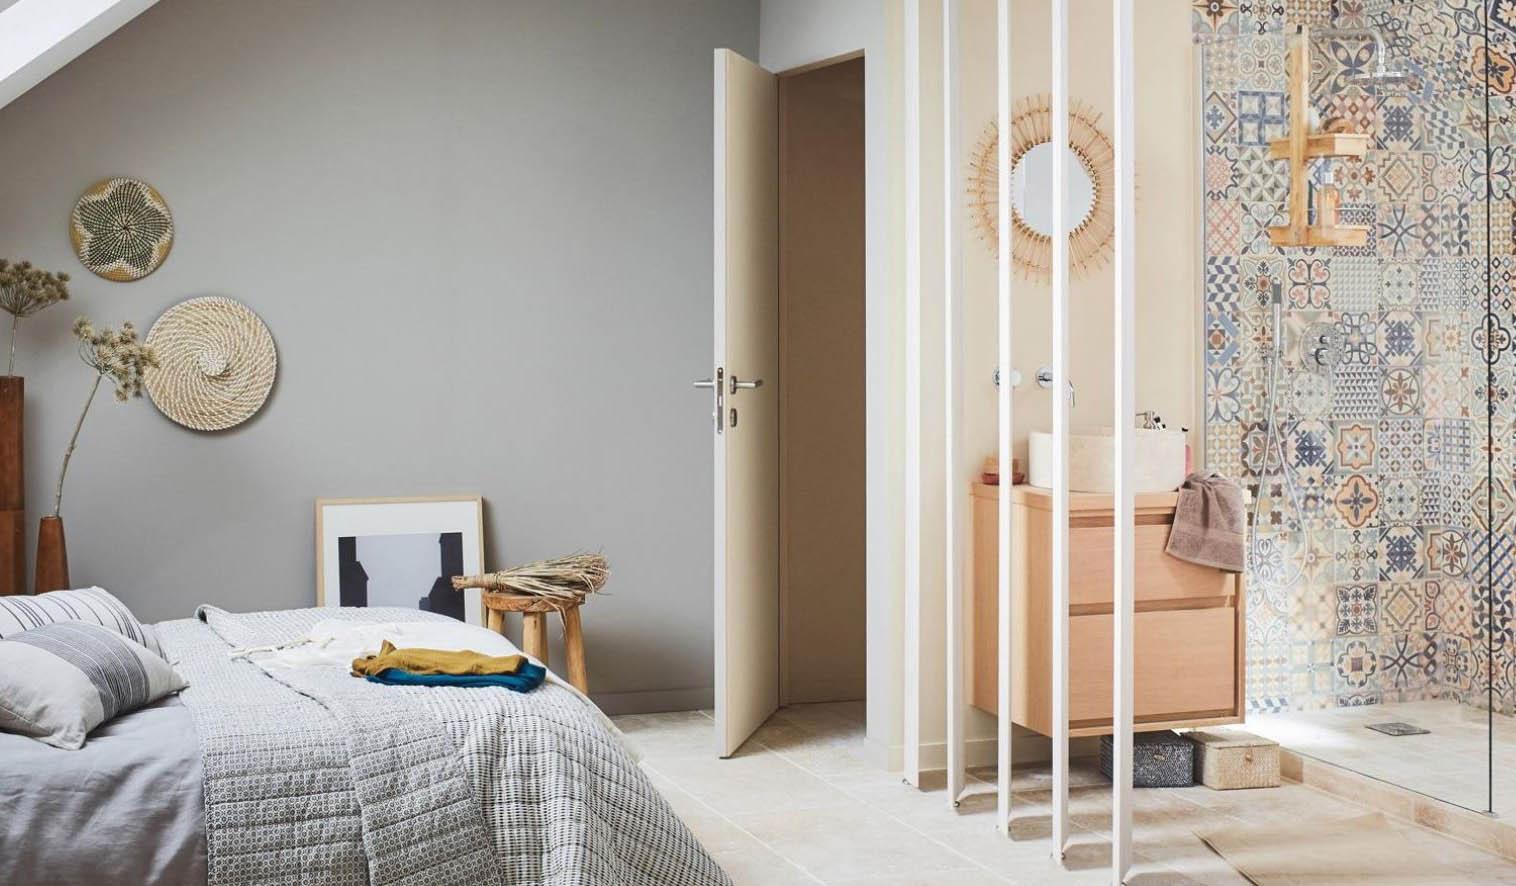 Chambre Ouverte Salle De Bain 40 suites parentales magnifiques pour trouver l'inspiration !